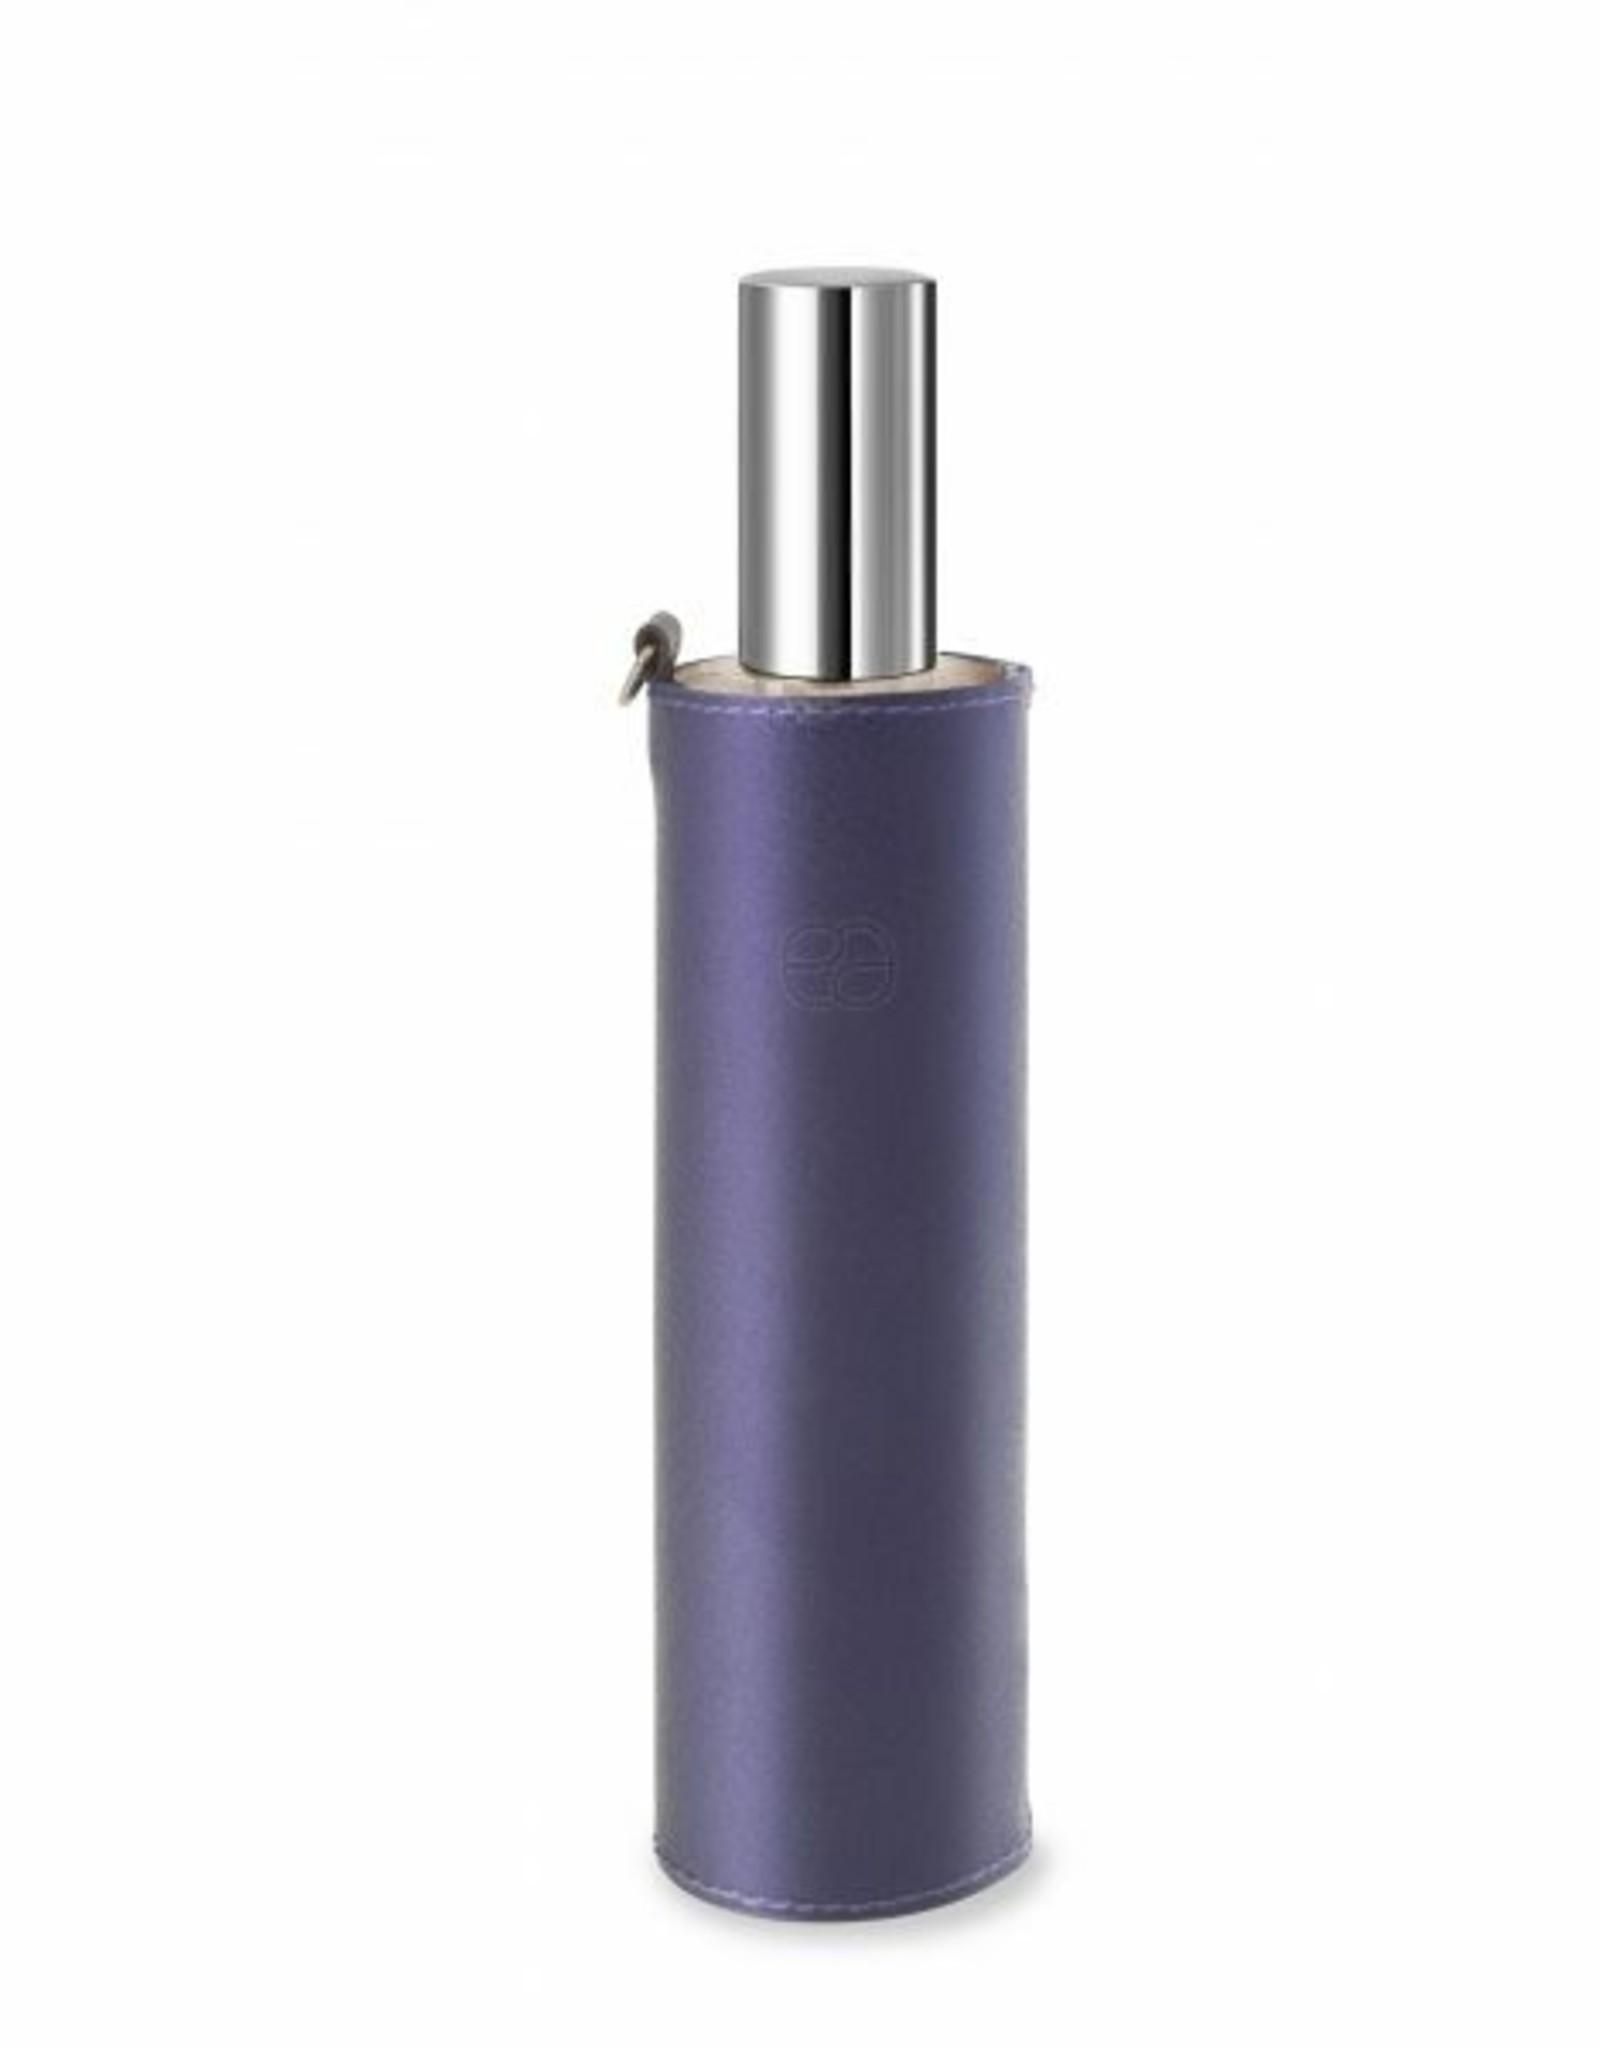 Equivalenza  Violet Decorative Sleeve for Bottle